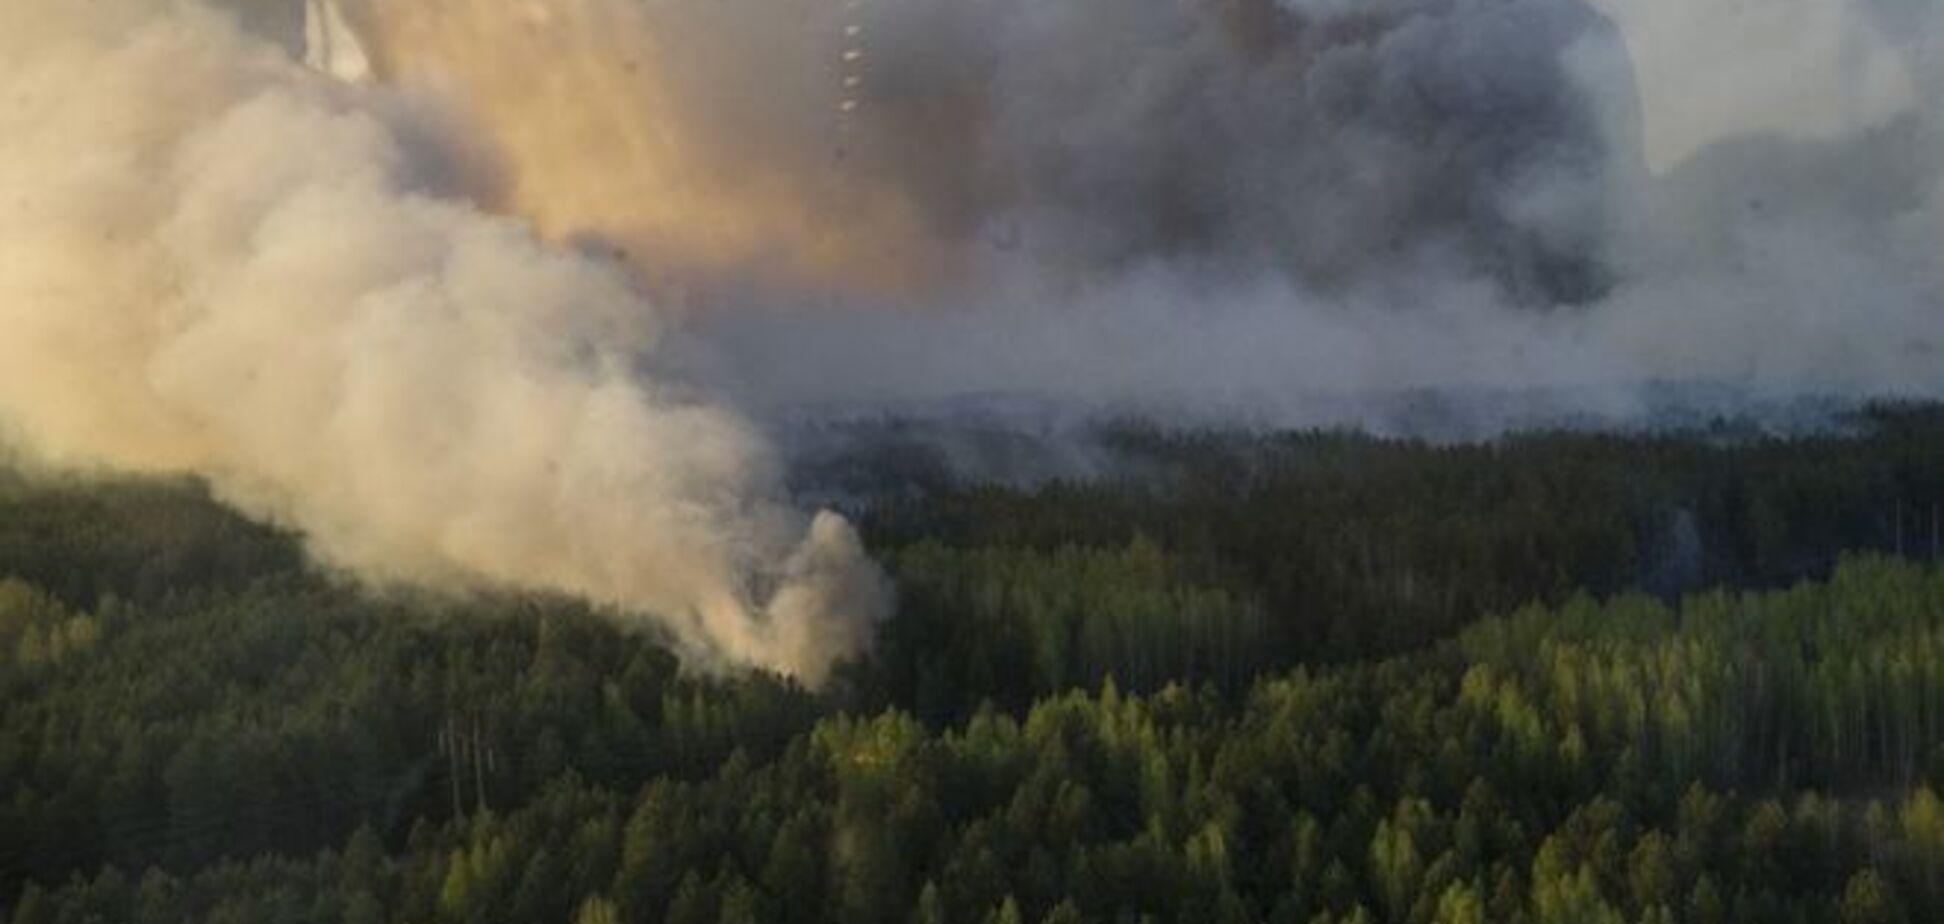 Пожар в зоне ЧАЭС: спасатели отчитались о радиационном фоне